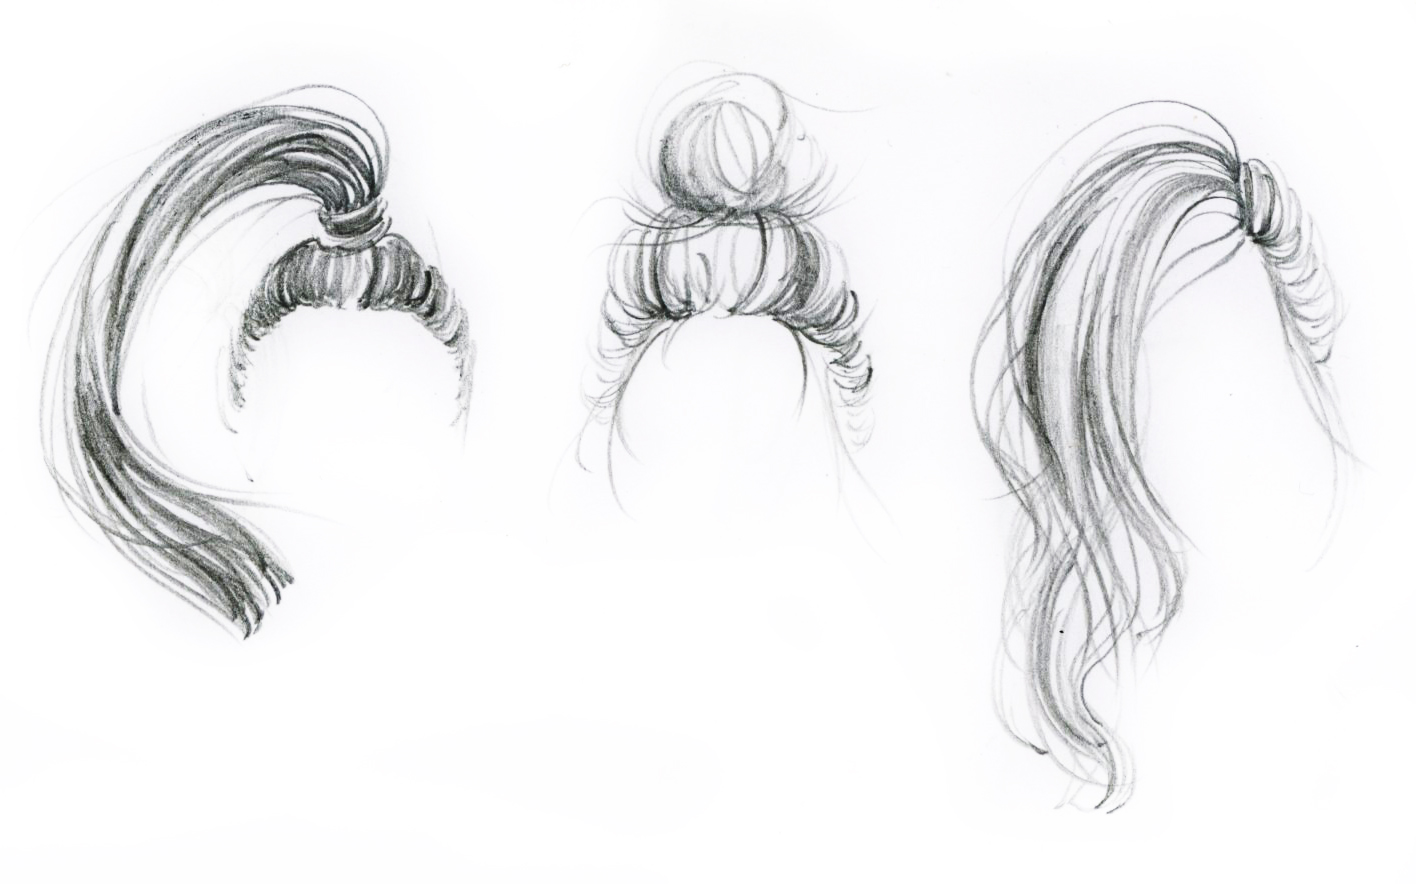 Buổi 5: Cách vẽ tóc - + Cấu trúc và các loại tóc: thẳng, gợn sóng, xoăn.+ Cách vẽ kiểu tóc nhìn tự nhiên+ Cách vẽ độ bóng và độ sáng cho tóc+ Tô màu tóc: vàng, đỏ, nâu